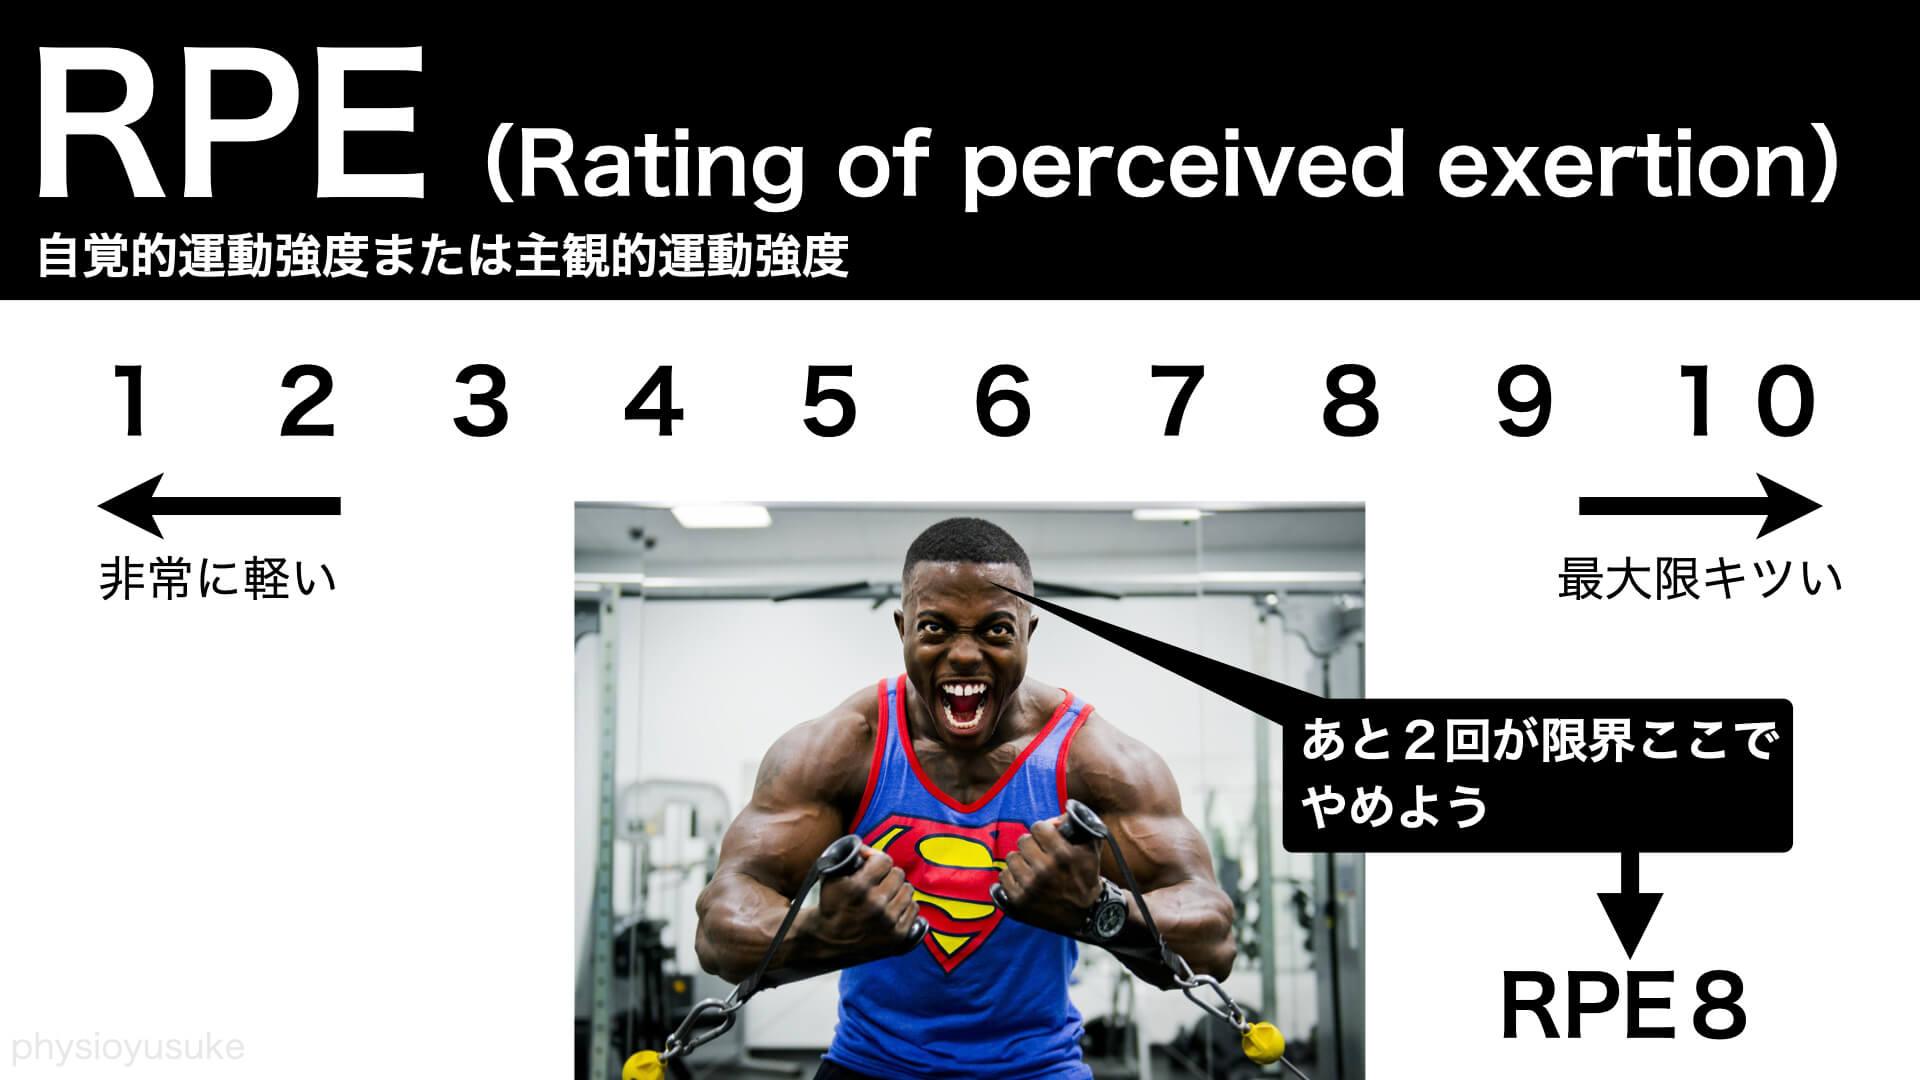 RPE、心理的強度、自覚的強度